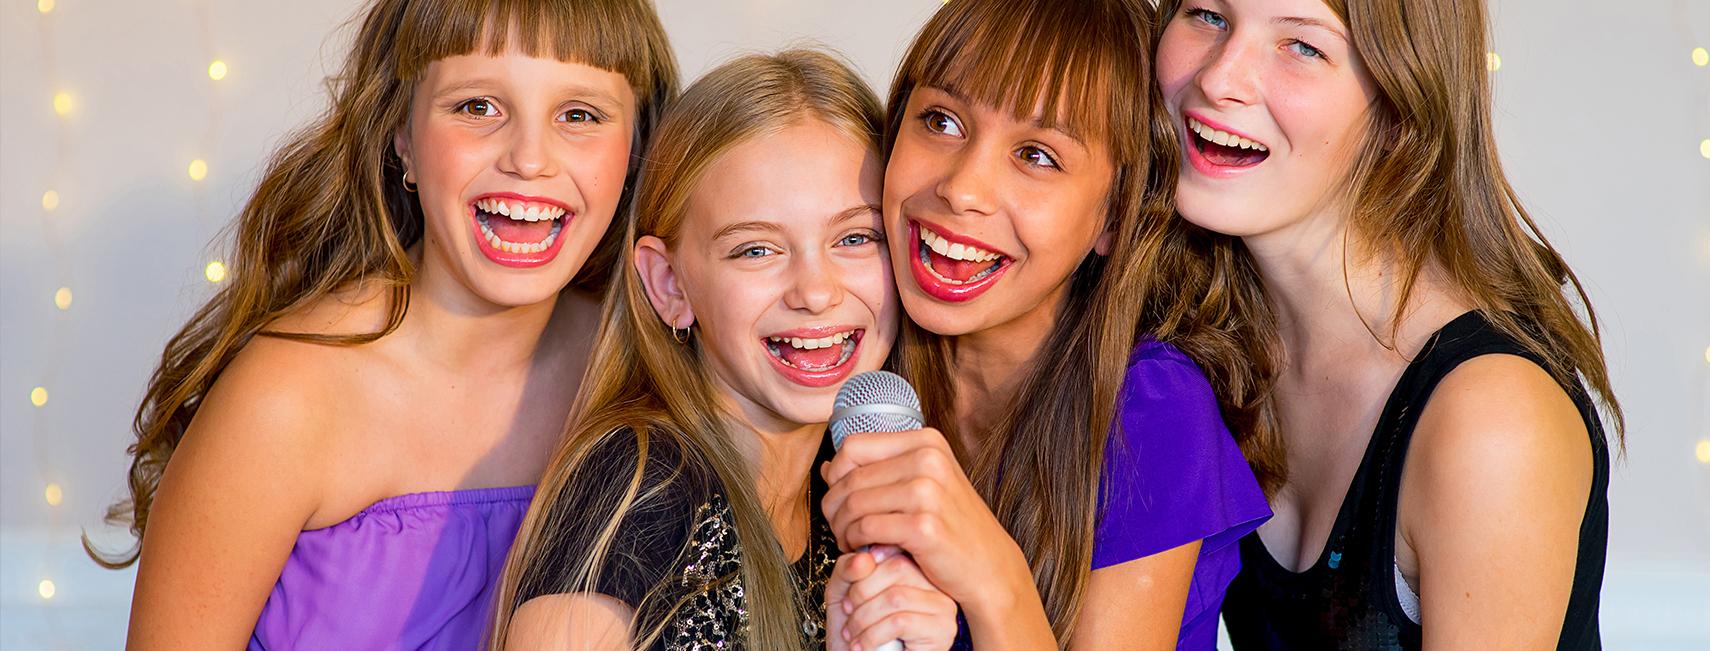 Kinderfeestje vieren Rotterdam karaoke